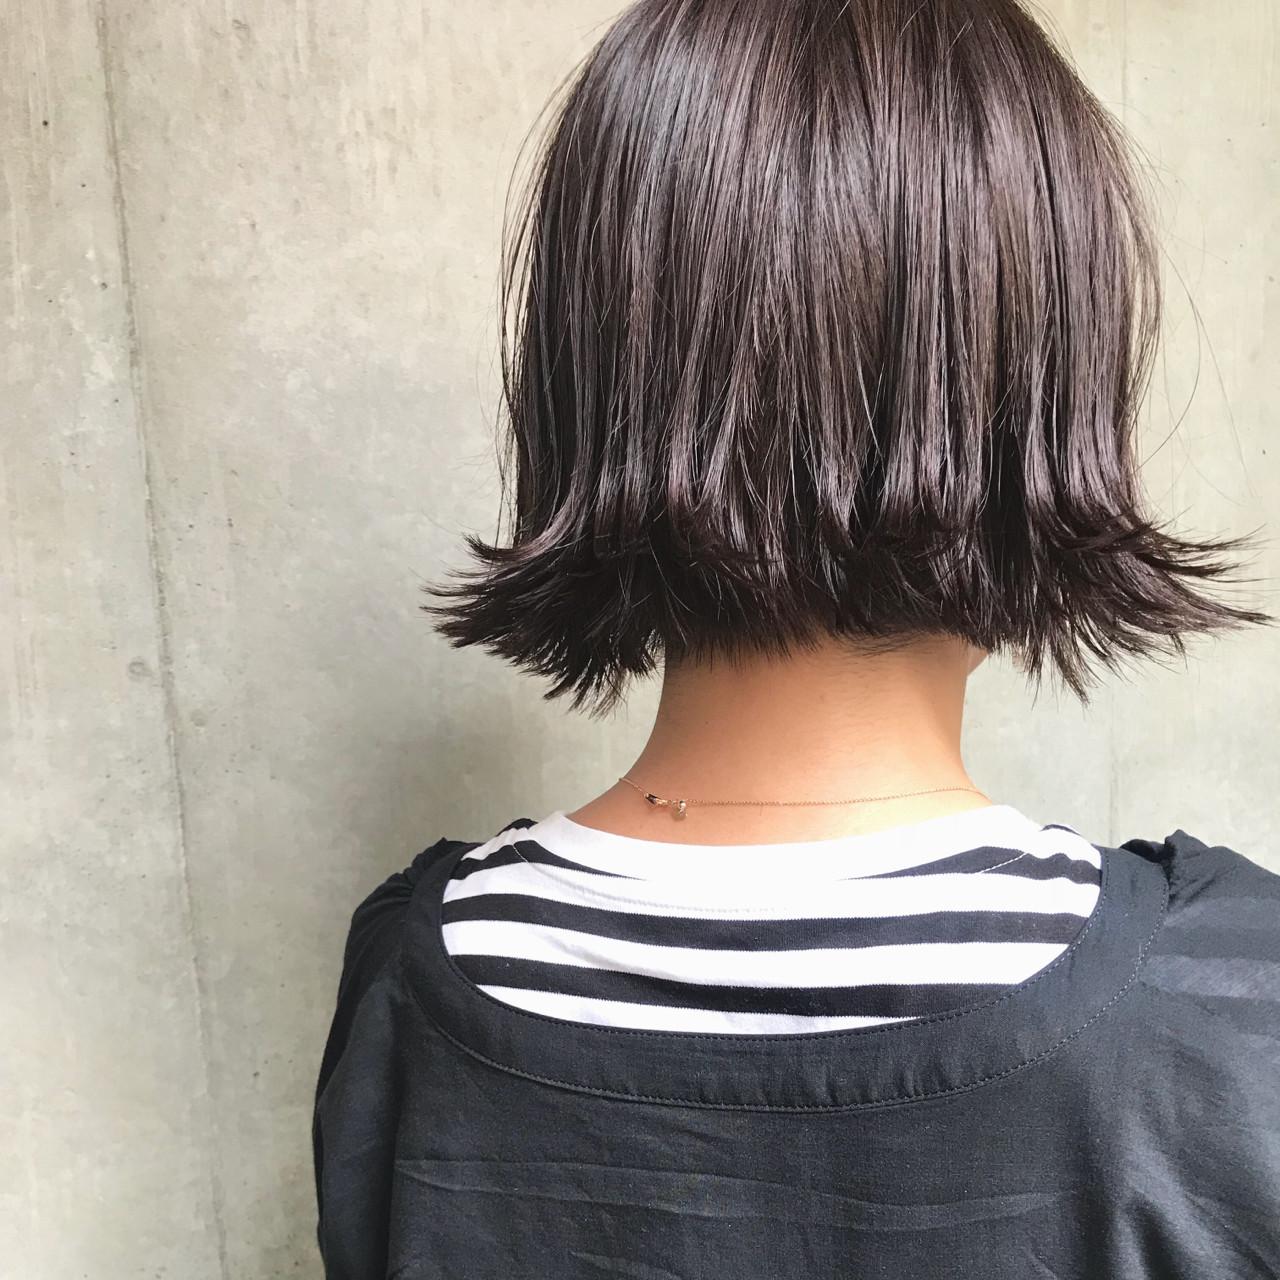 モード ヘアアレンジ パーティ ボブ ヘアスタイルや髪型の写真・画像 | bibito crew / bibito